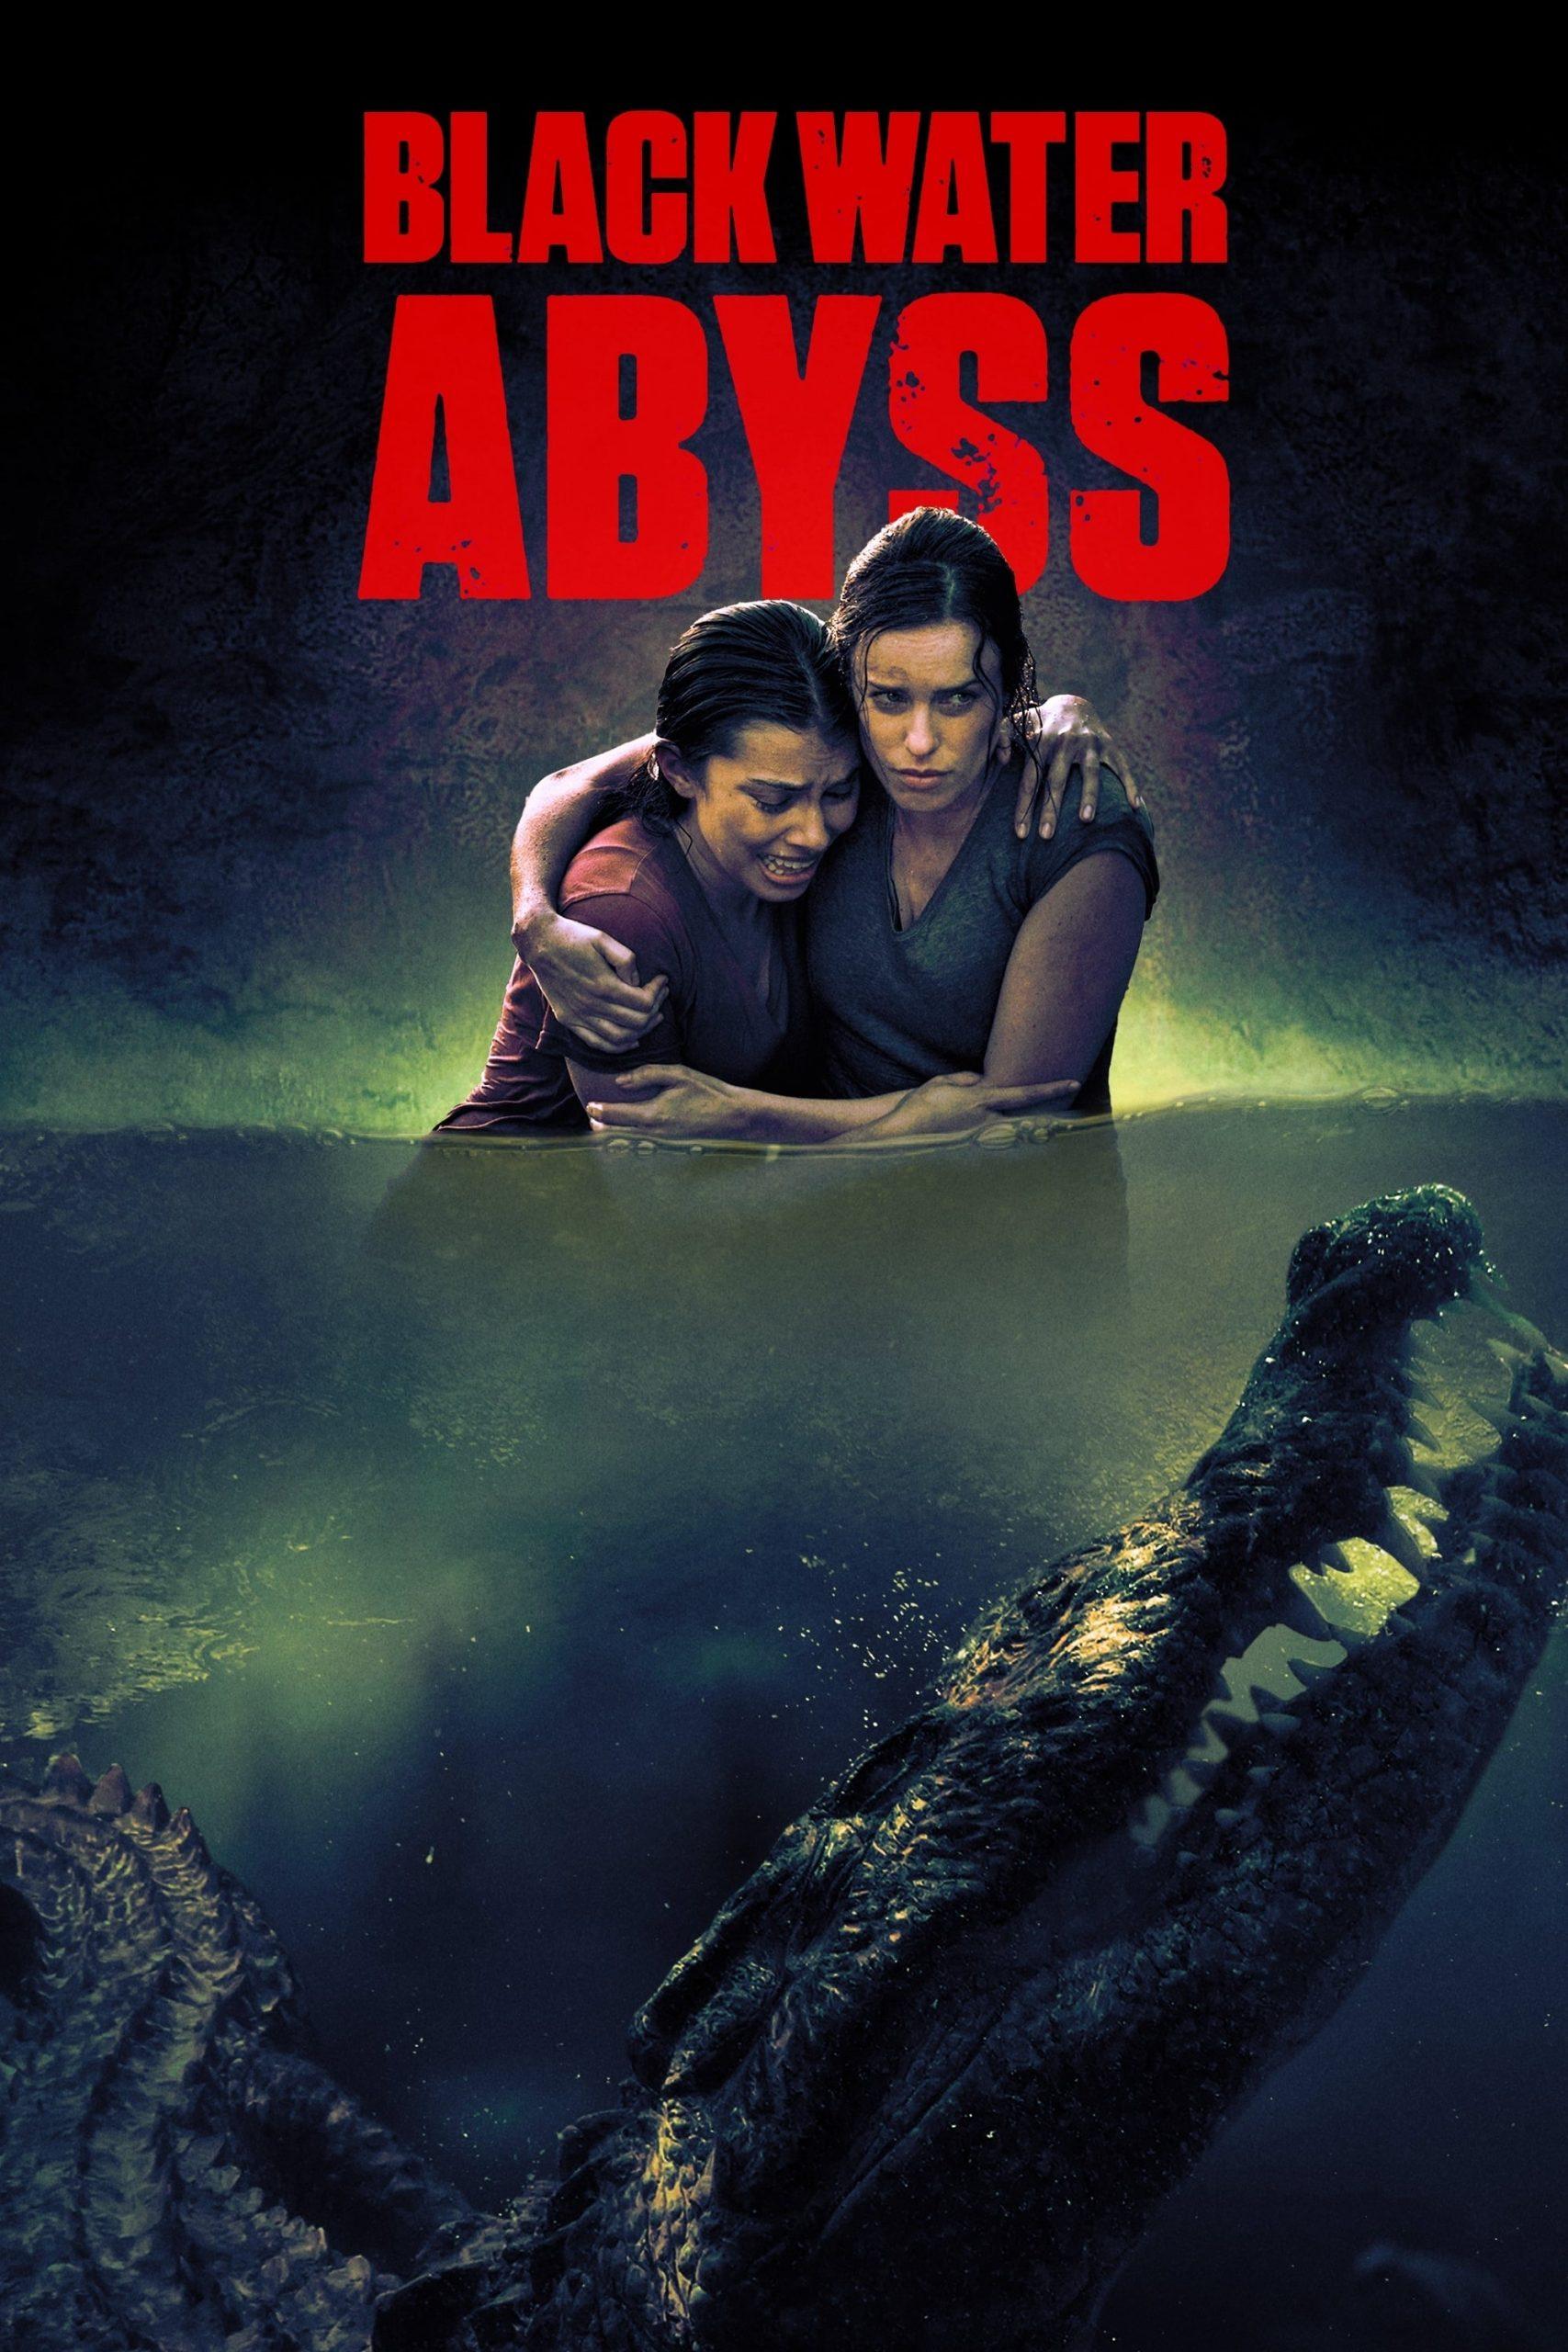 دانلود فیلمBlack Water: Abyss 2020 با دوبله فارسی